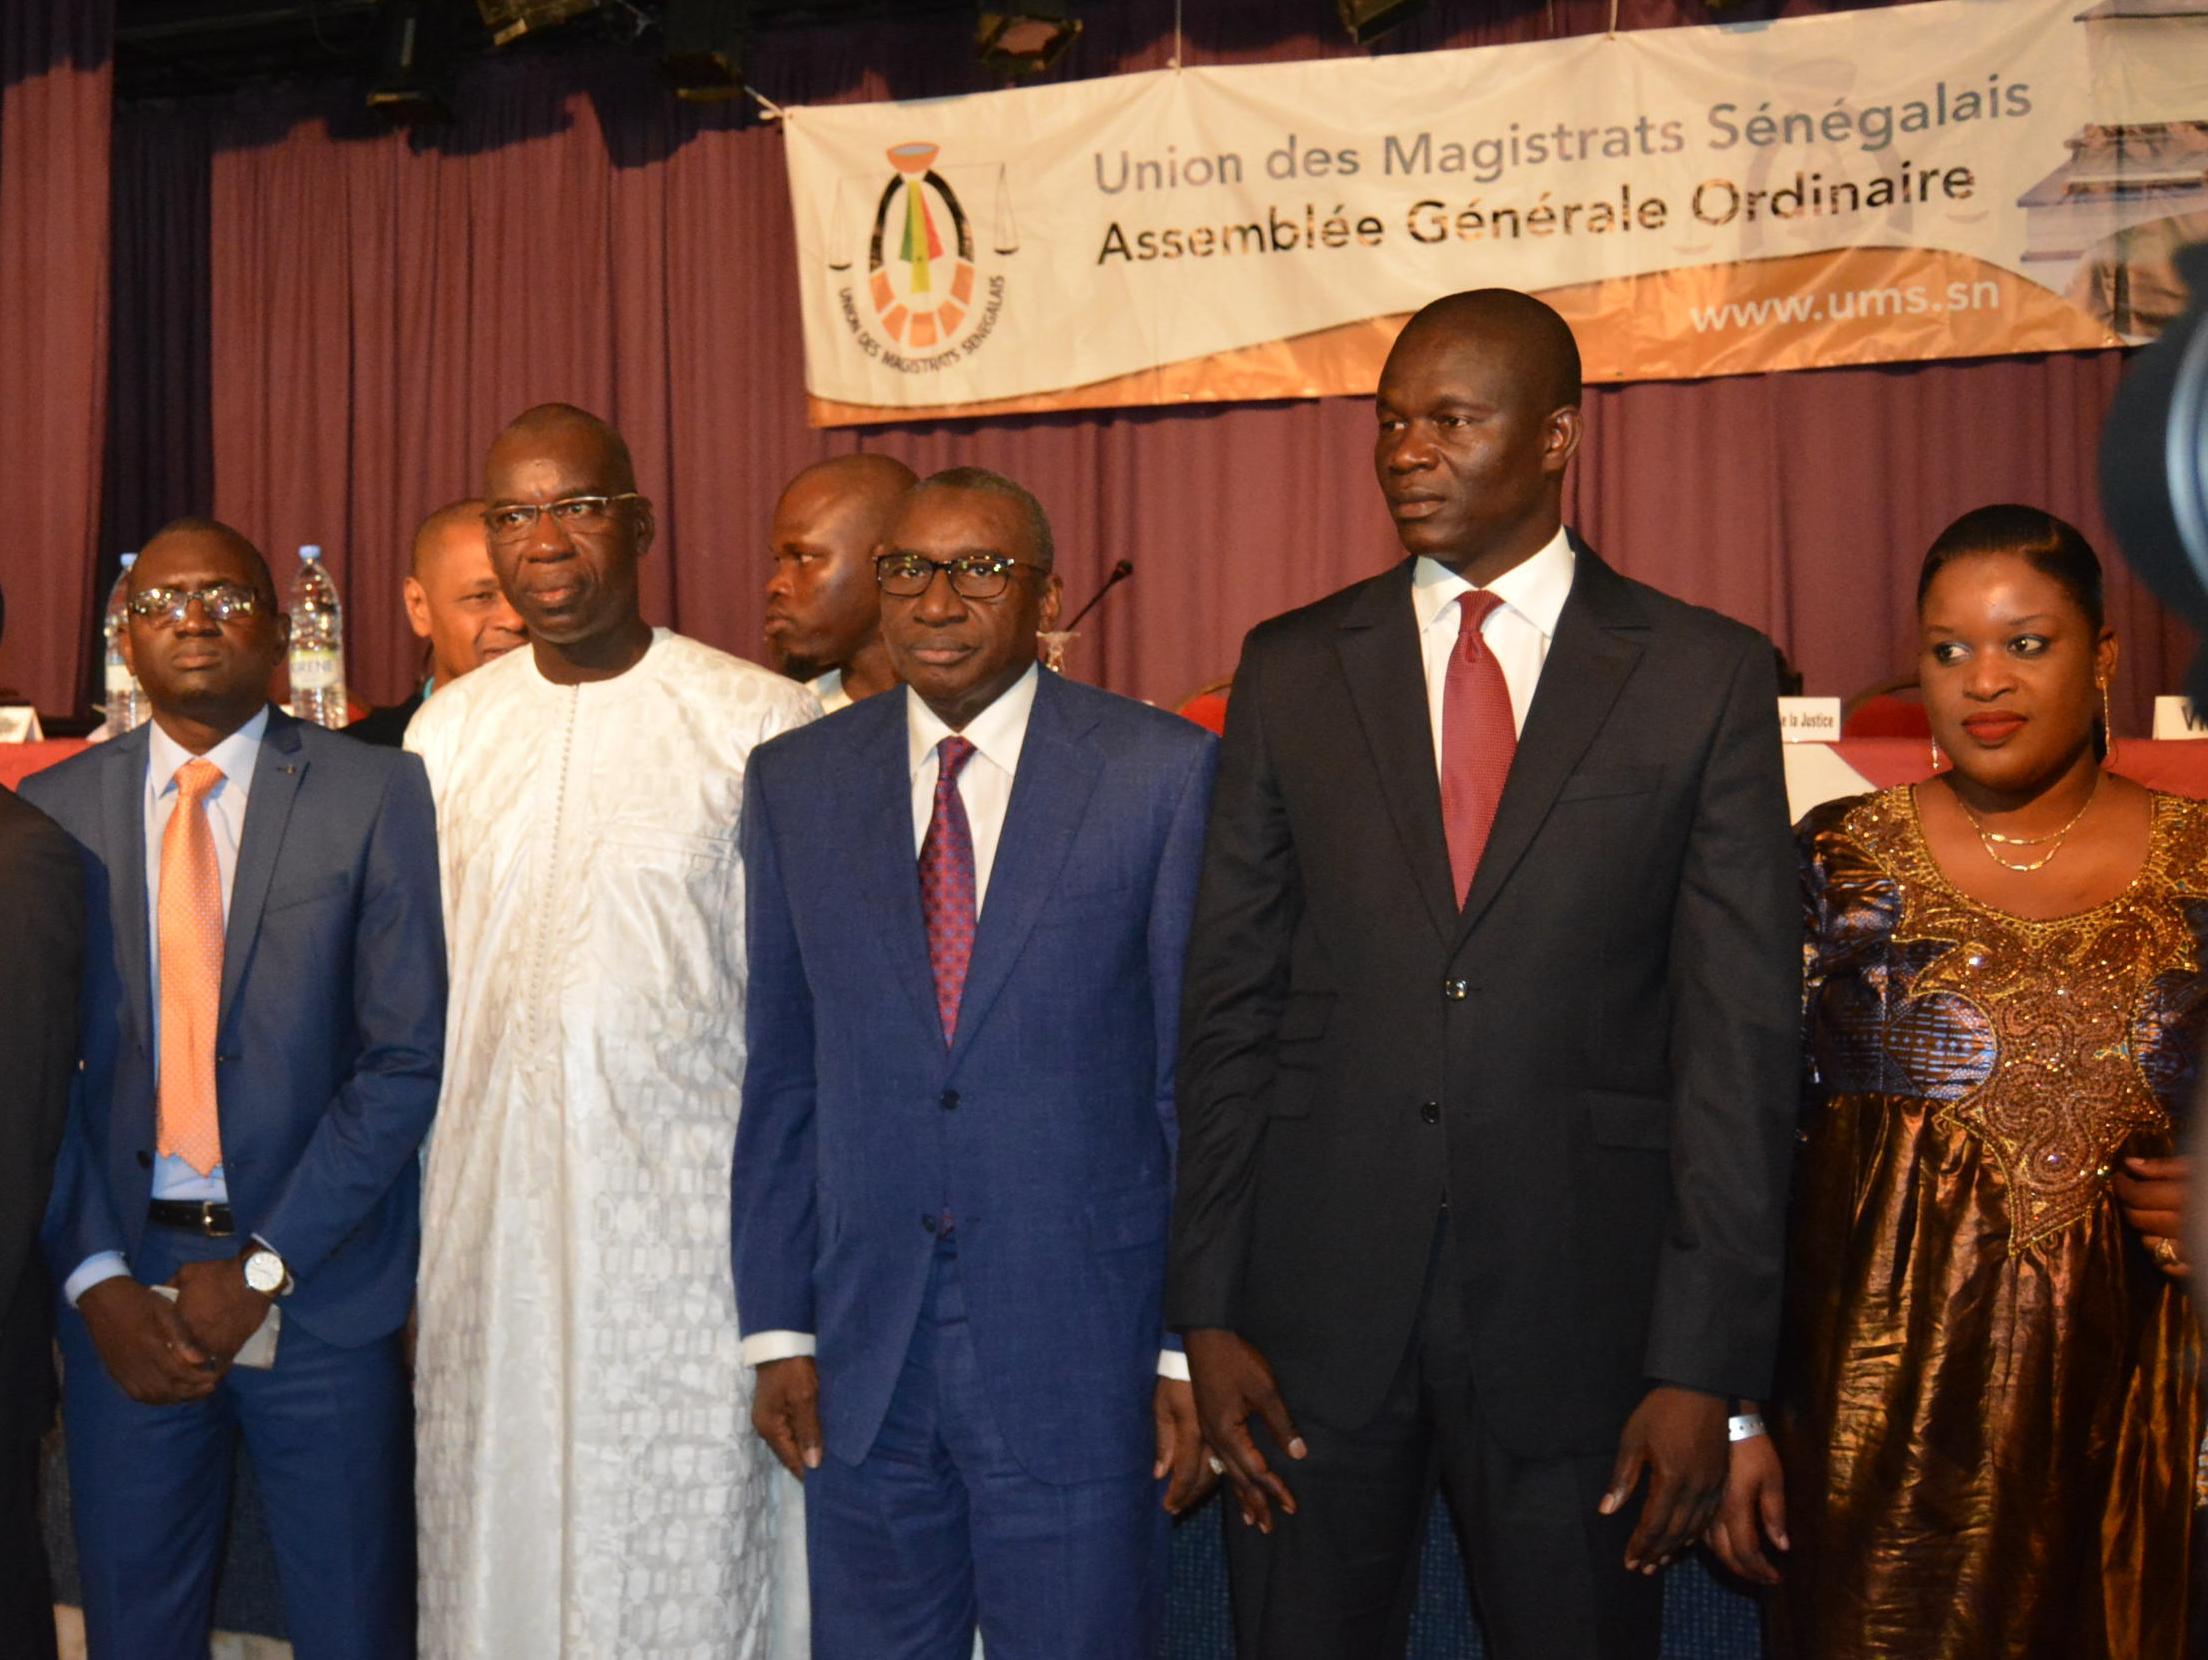 Ag de l'Ums : Maguette Diop en quête d'un second mandat,  Marième Diop et Souleymane Teliko en embuscade